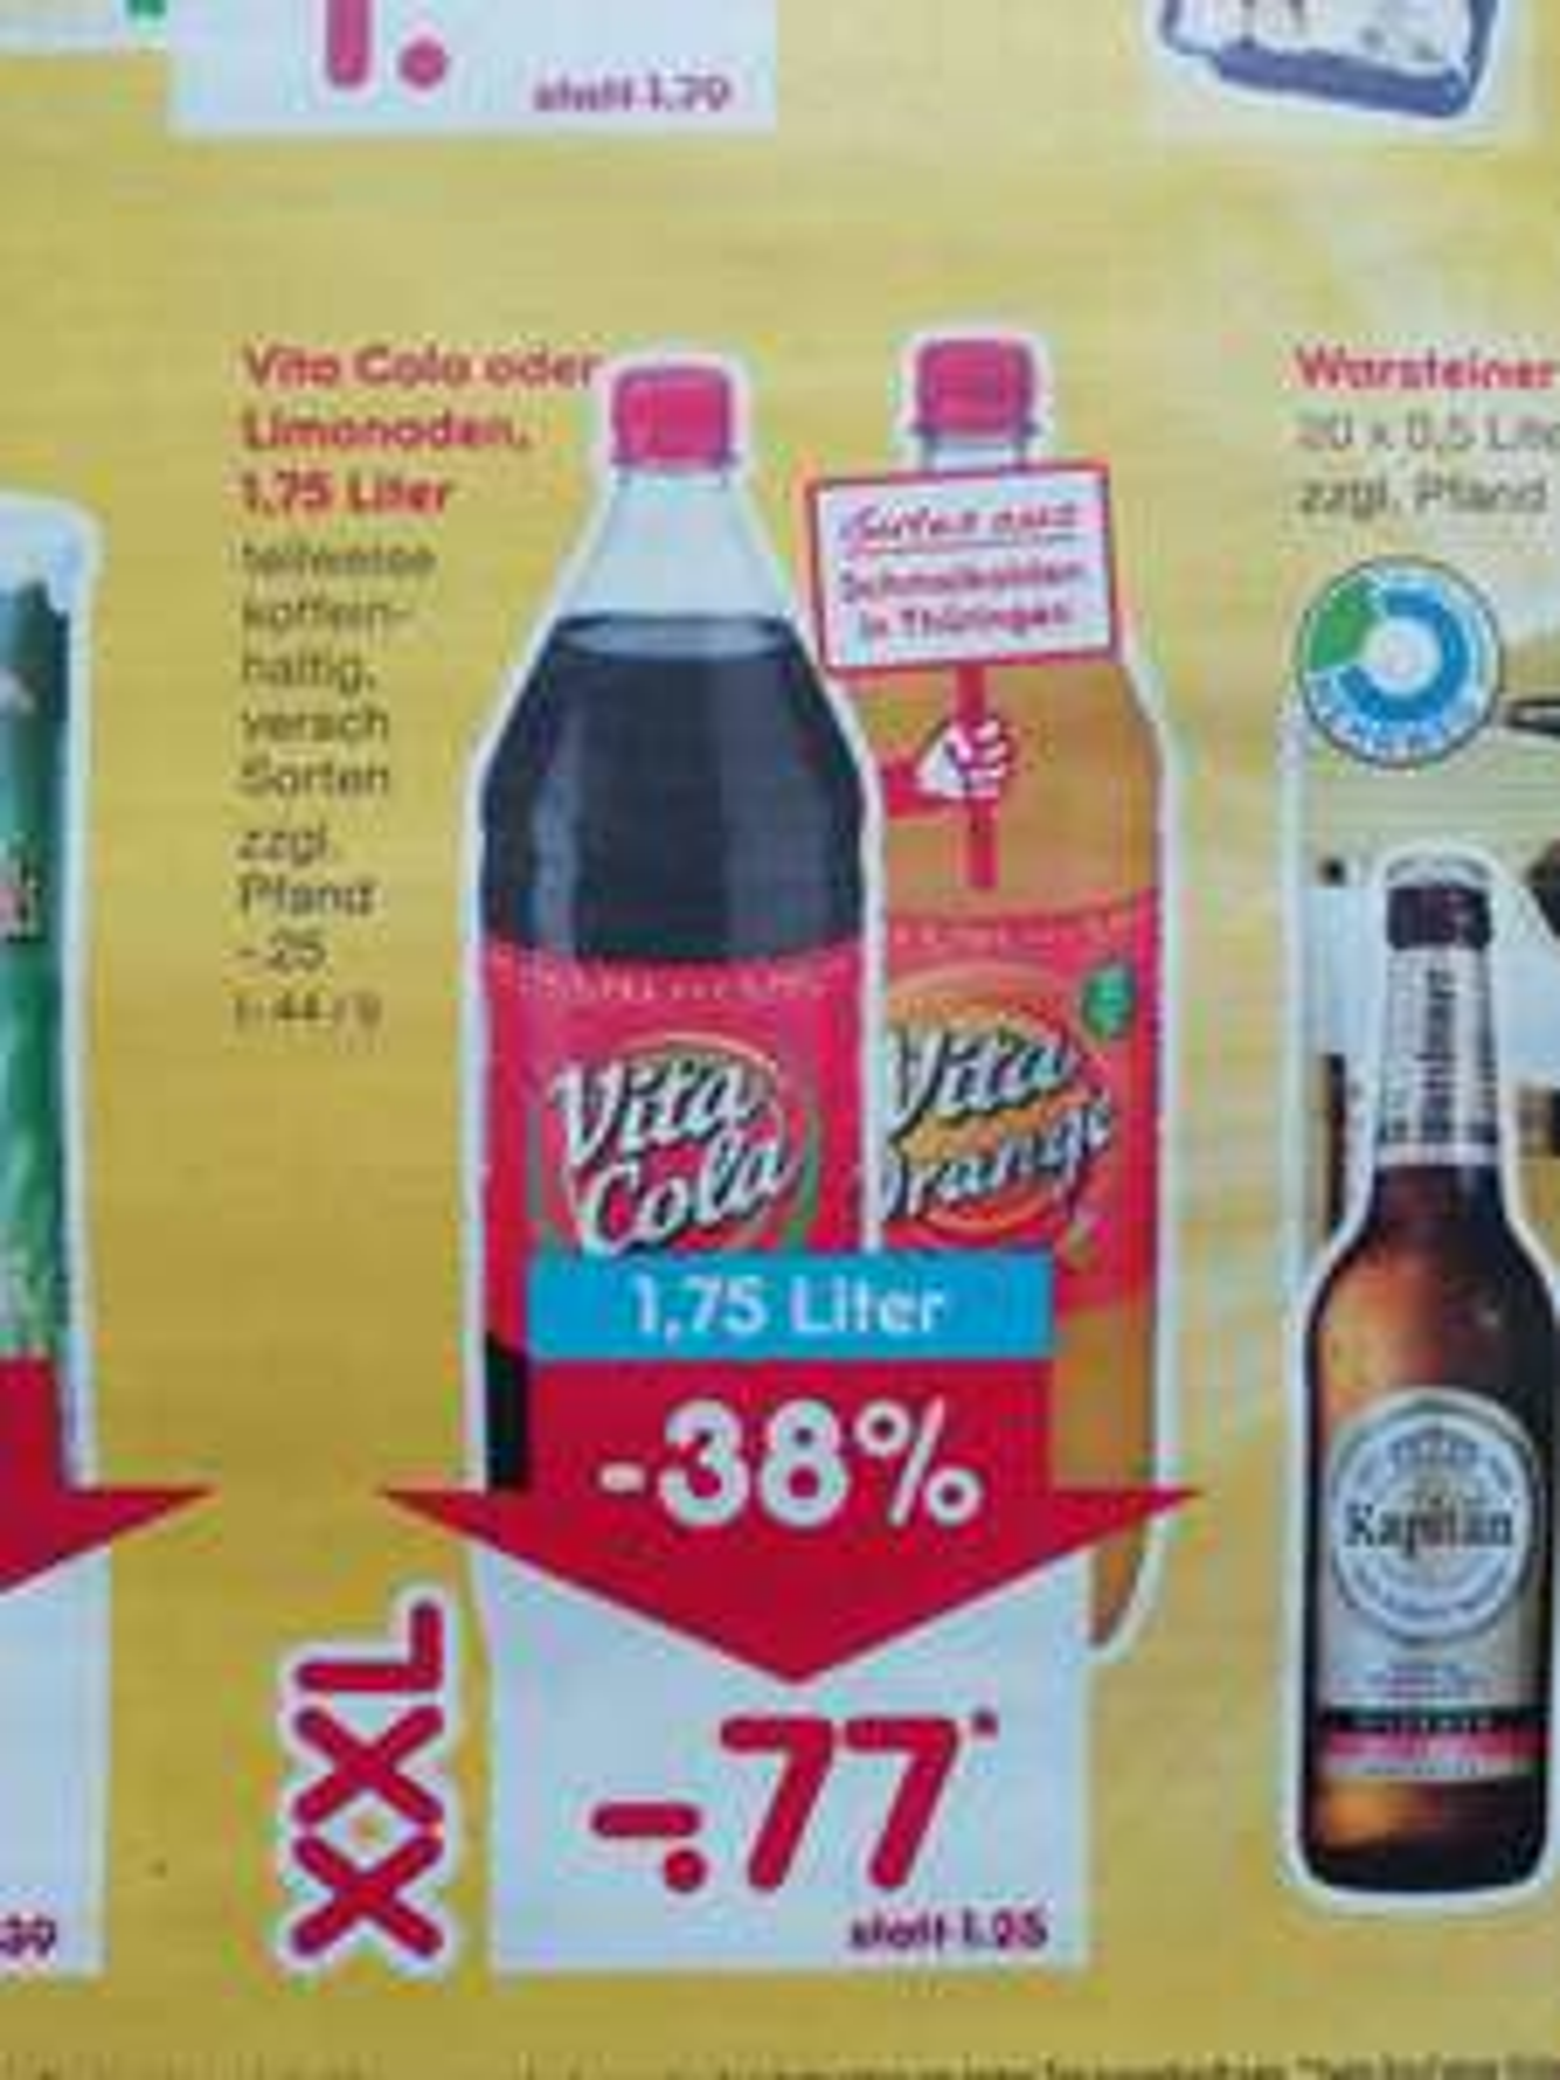 Vita Cola 1,75L Flasche bei Netto am Samstag 9.6.2018 für 0,77€ entspricht 0,44€/L  38%günstiger